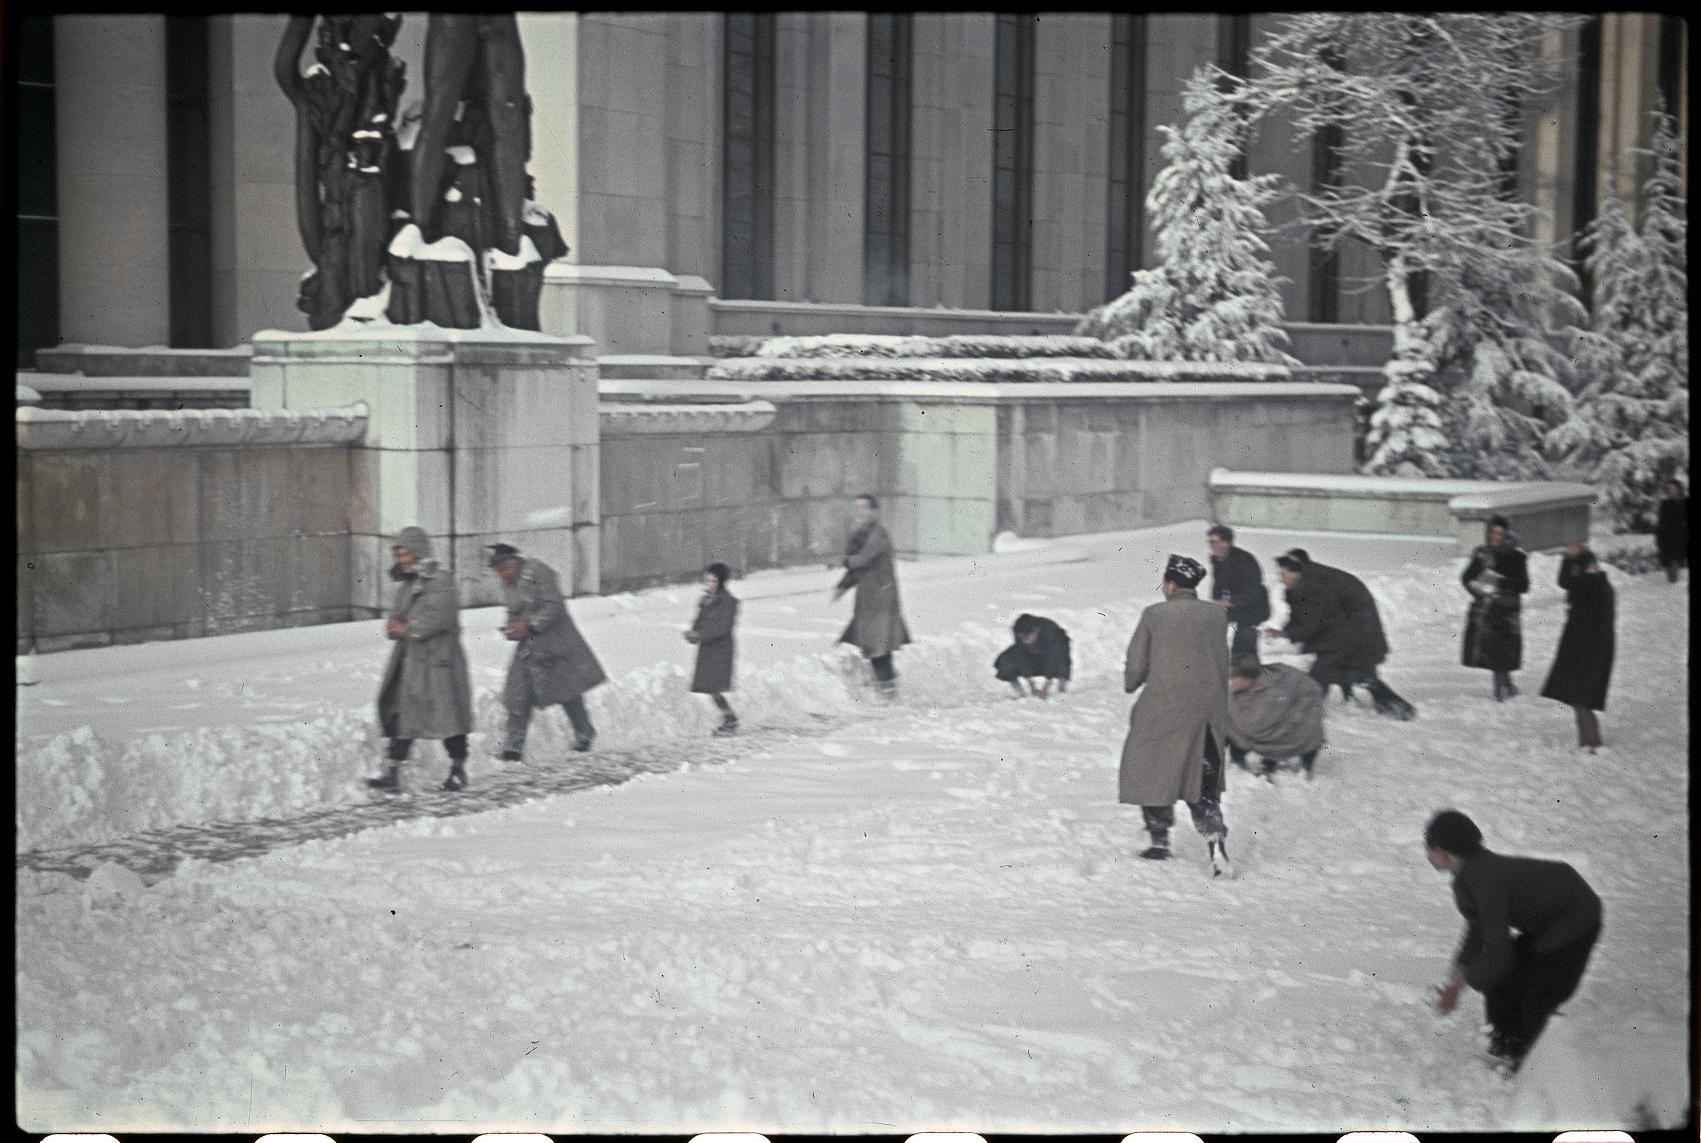 В Трокадеро немецкие солдаты играют с детьми в снежки